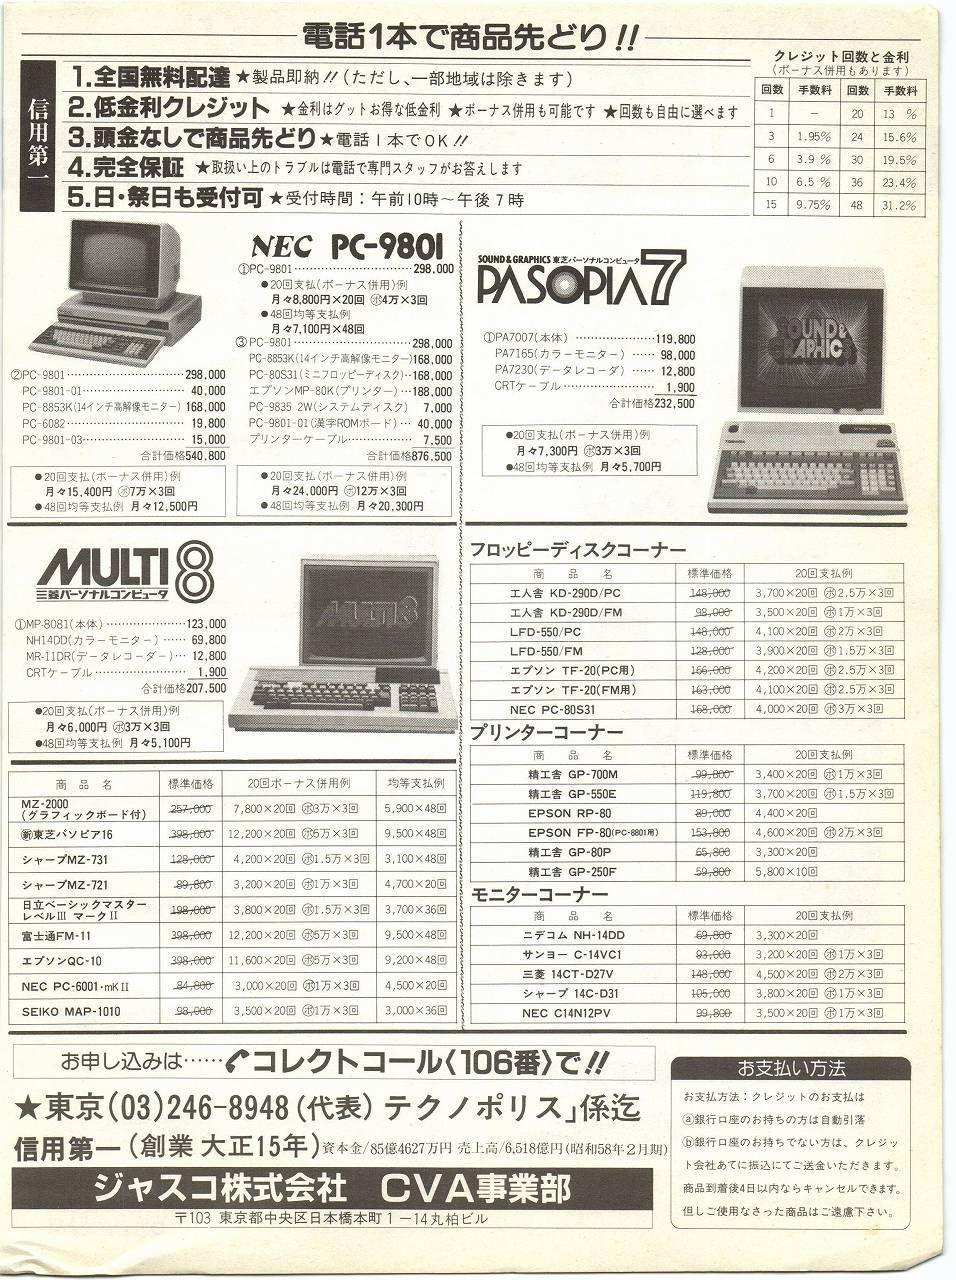 ジャスコ パソコン パソコン コンピューター レトロ